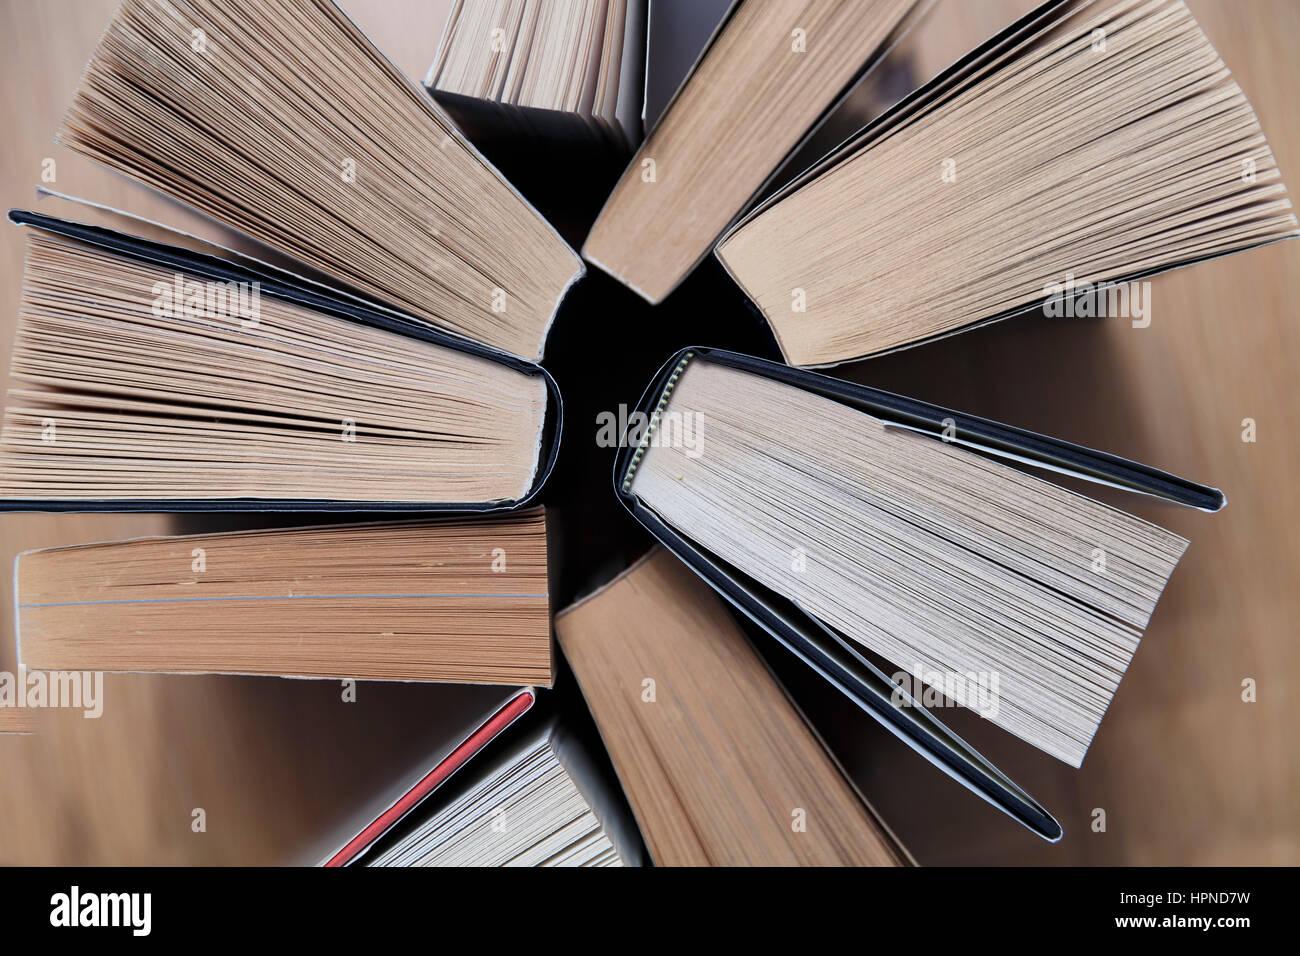 Résumé de l'angle du livre Photo Stock